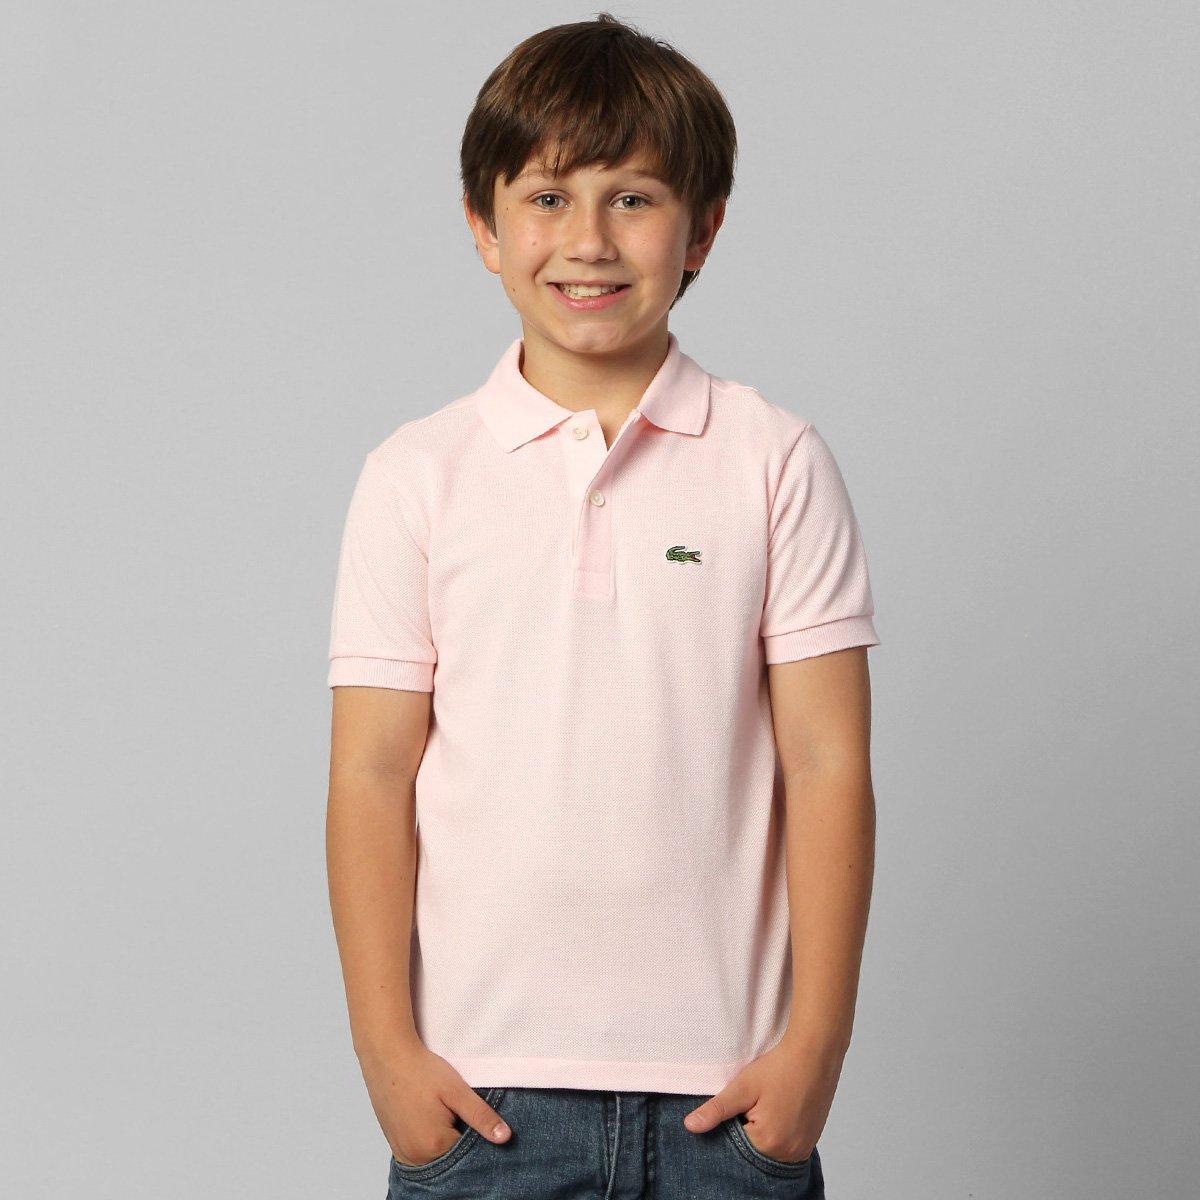 19d56d9552d9b Camisa Polo Lacoste Piquet Infantil - Compre Agora